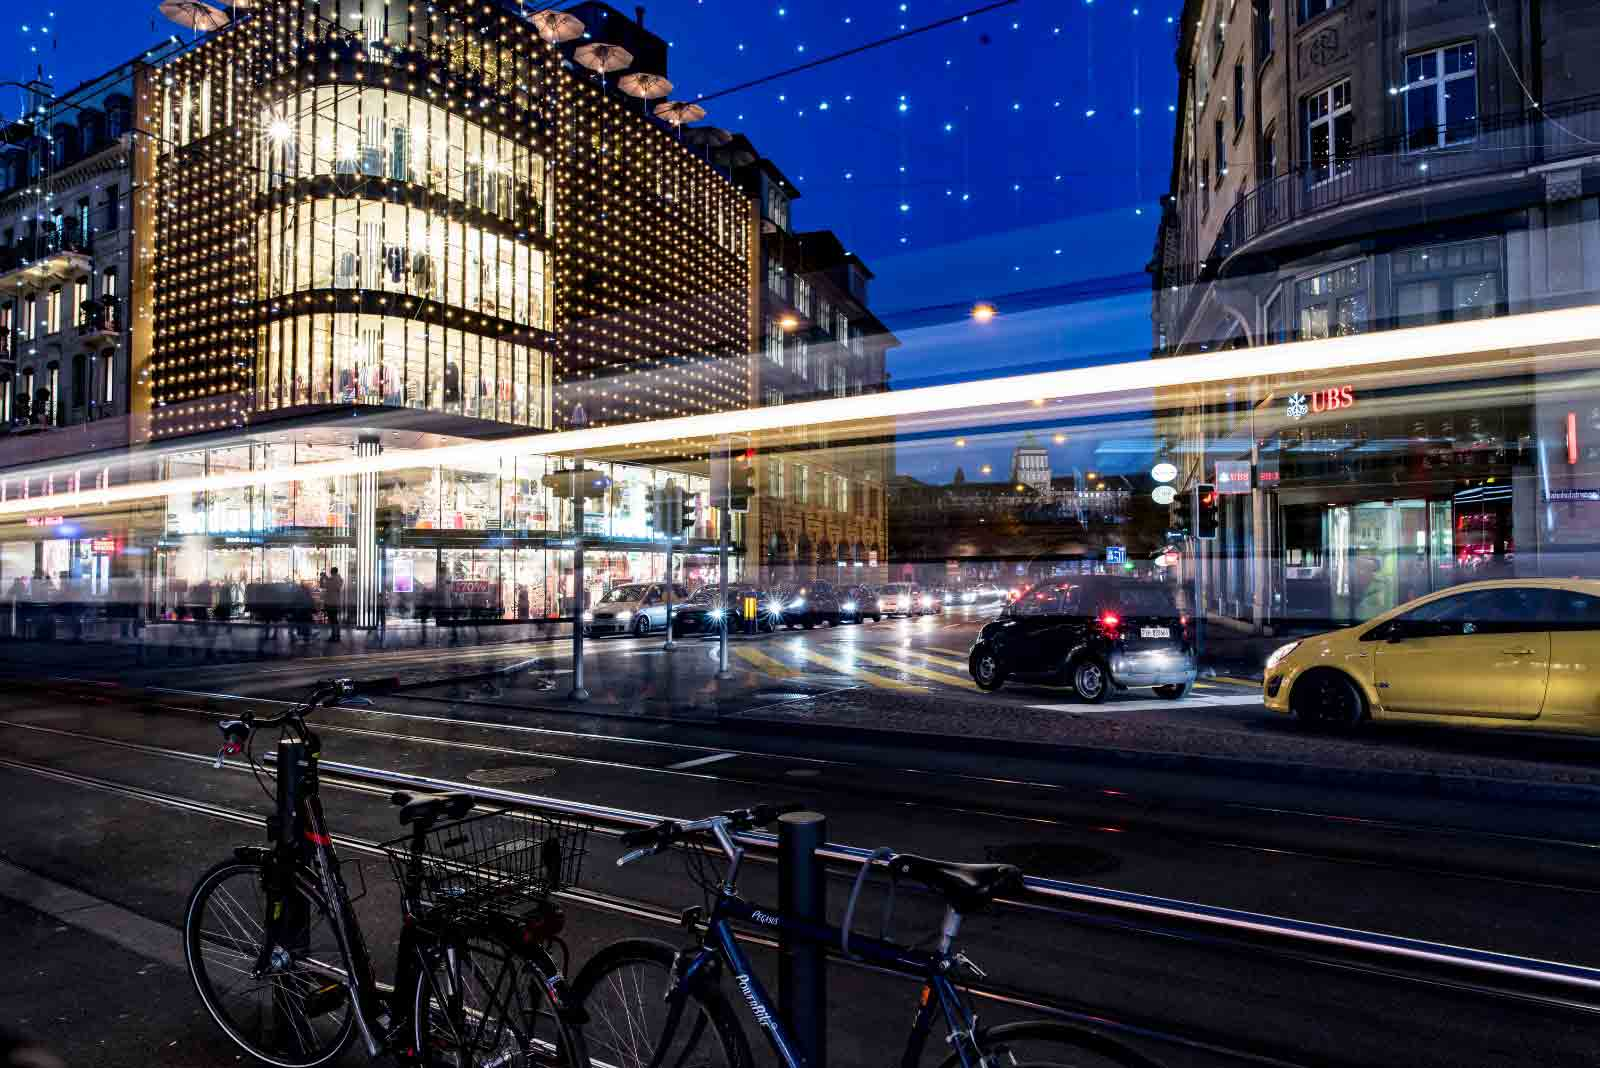 Zurigo FOTOGRAFIA